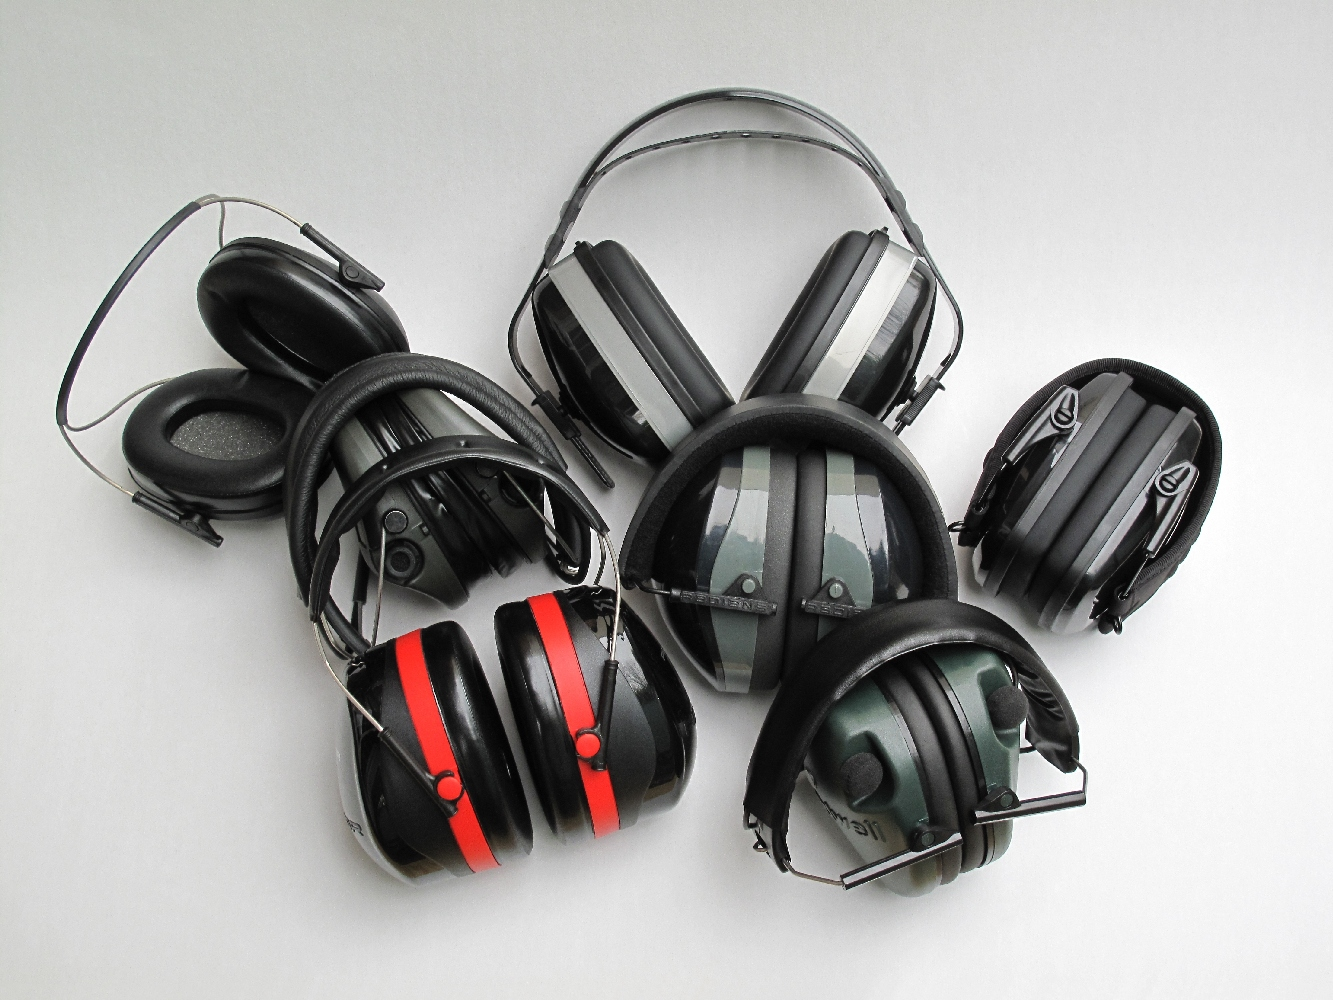 L'achat d'un serre-tête, désigné dans le langage courant par le terme de « casque anti-bruit », est indispensable à toute personne qui pratique le tir de façon régulière. Il en existe une grande variété qui se divisent en deux groupes principaux : les modèles passifs, plus ou moins linéaires et les modèles actifs, qui restituent, voire amplifient les sons de faible intensité grâce à un système électronique, lequel est instantanément coupé (en une minuscule fraction de seconde) dès lors qu'un bruit dépasse un certain seuil d'intensité.